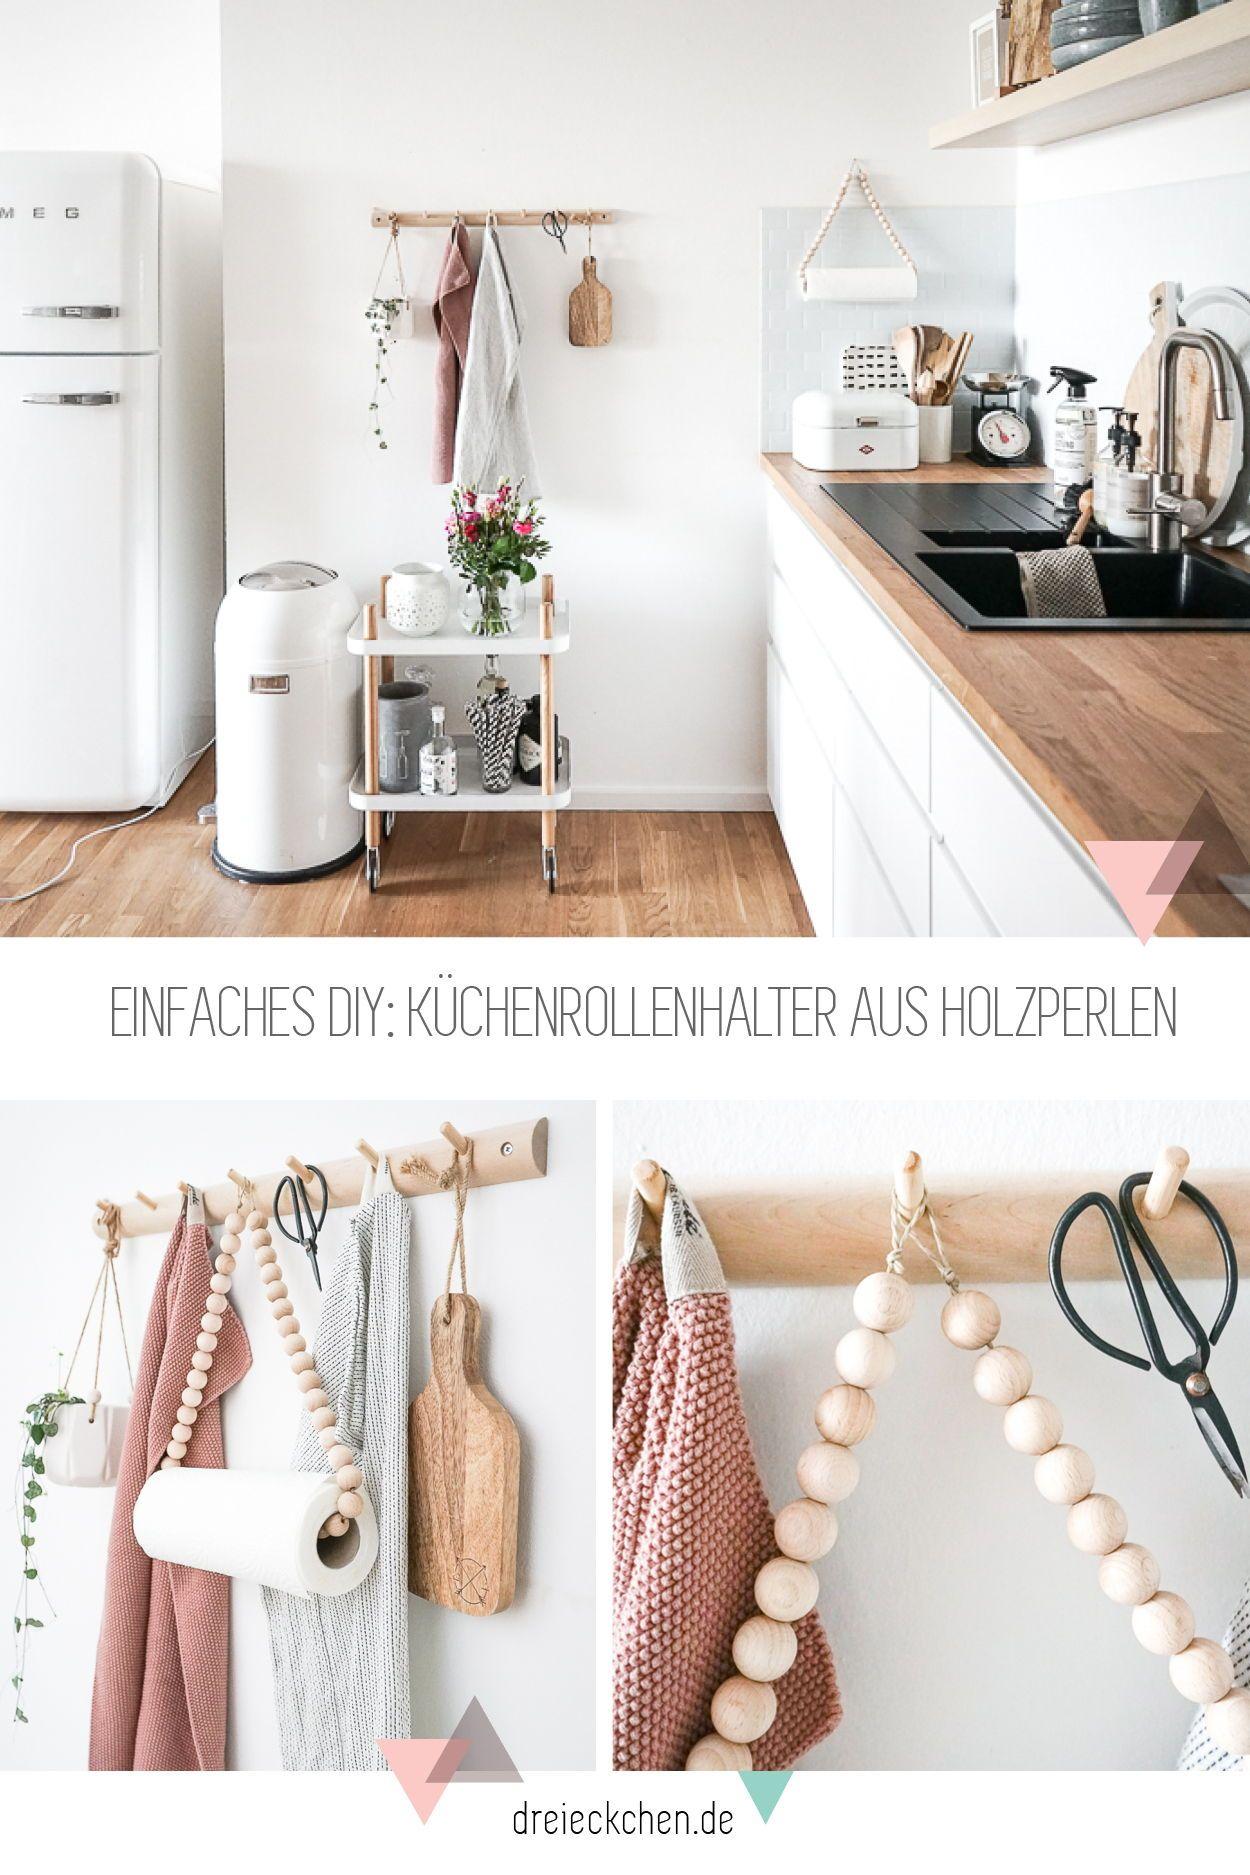 Full Size of Handtuchhalter Ikea Praktische Kchenhelfer Diy Ideen Fr Kchenrollenhalter Bad Modulküche Miniküche Küche Kaufen Betten Bei Sofa Mit Schlaffunktion Kosten Wohnzimmer Handtuchhalter Ikea